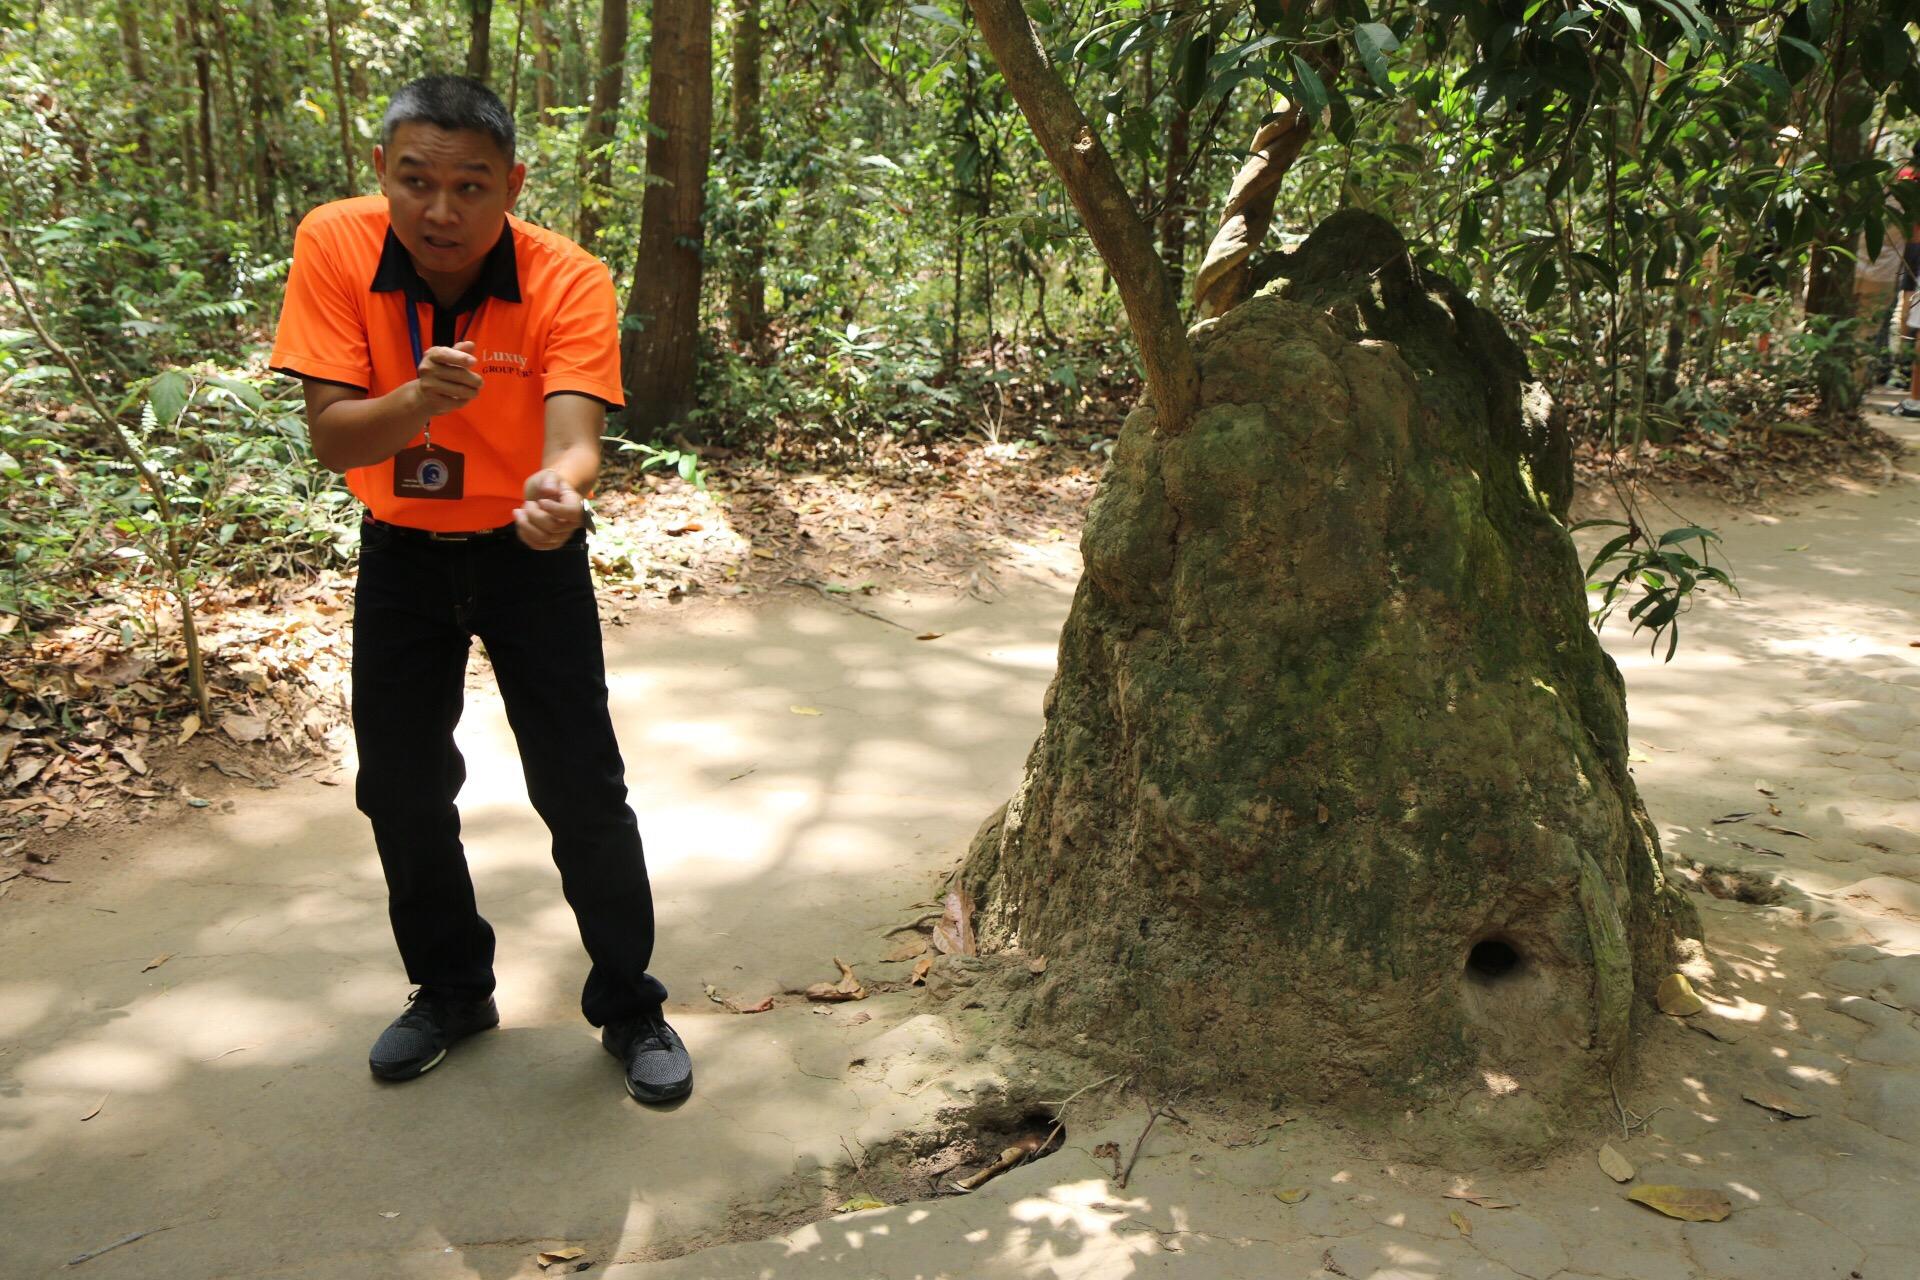 Durchlöcherte Felsen wie dieser, wurde nicht durchschossen, sondern dienten der Belüftung der unterirdischen Anlage.